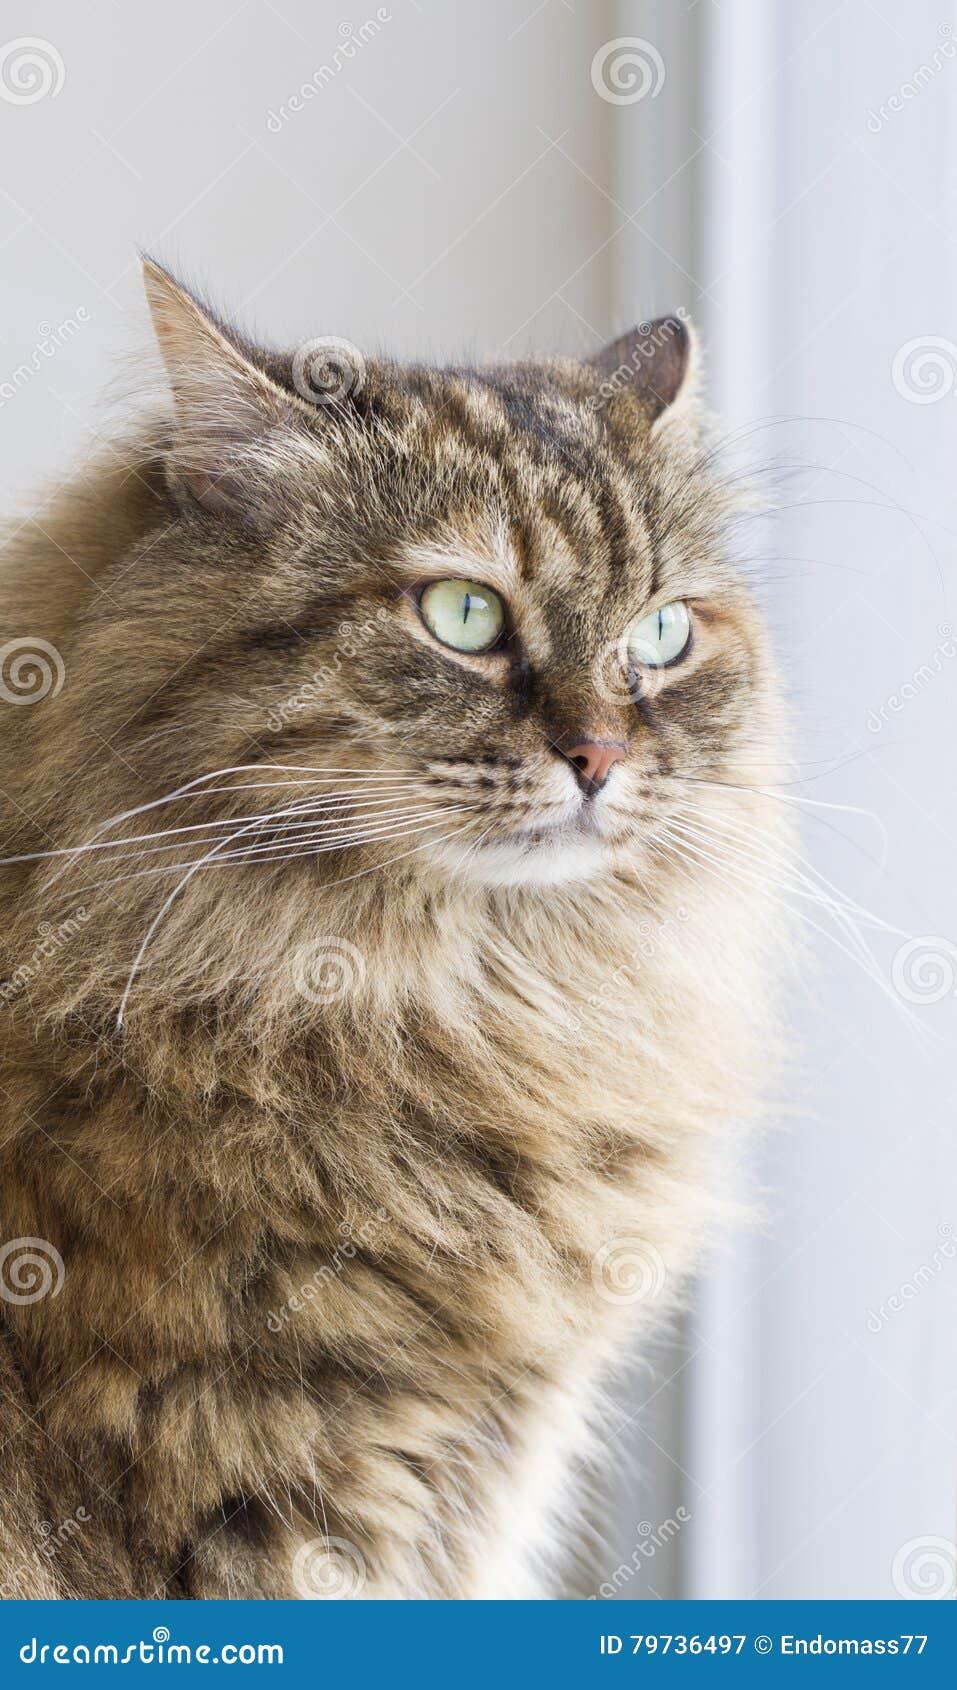 Gato siberiano marrón peludo en el jardín en la ventana